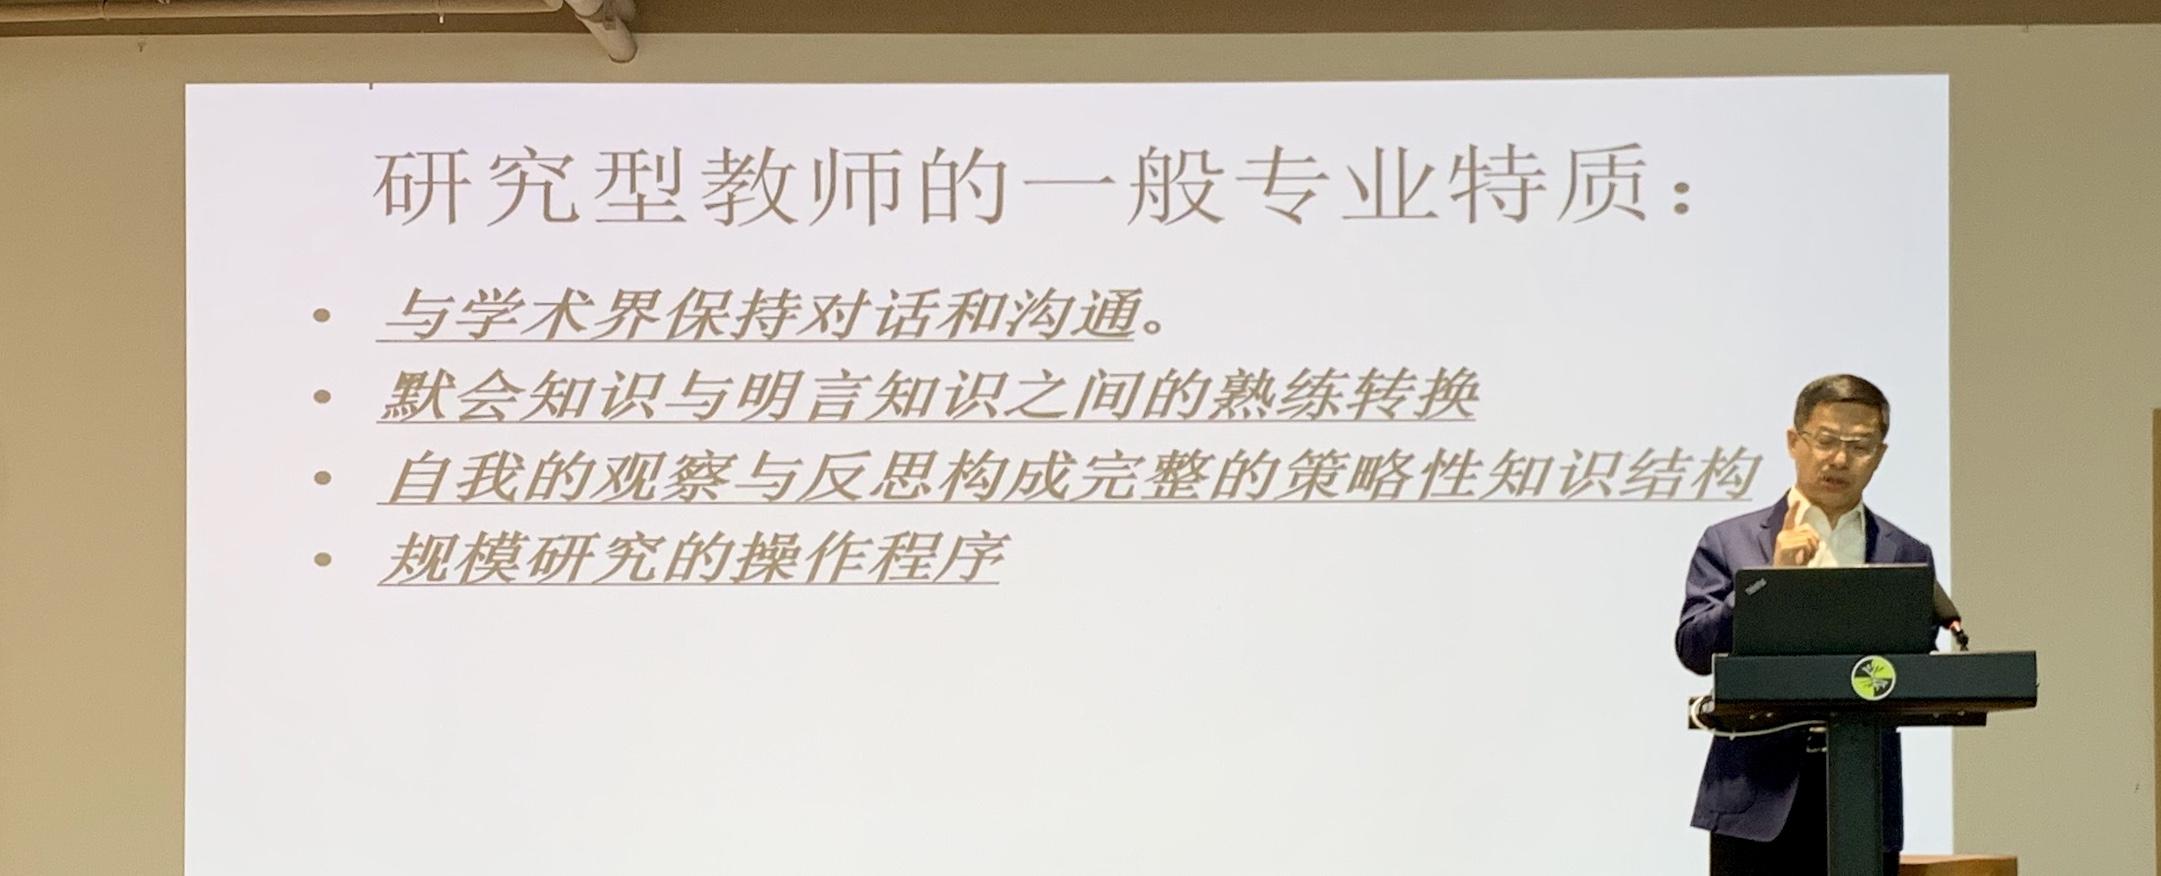 """李海林 - 方略教育在线学院""""云伴师""""系列公益直播顺利开启"""